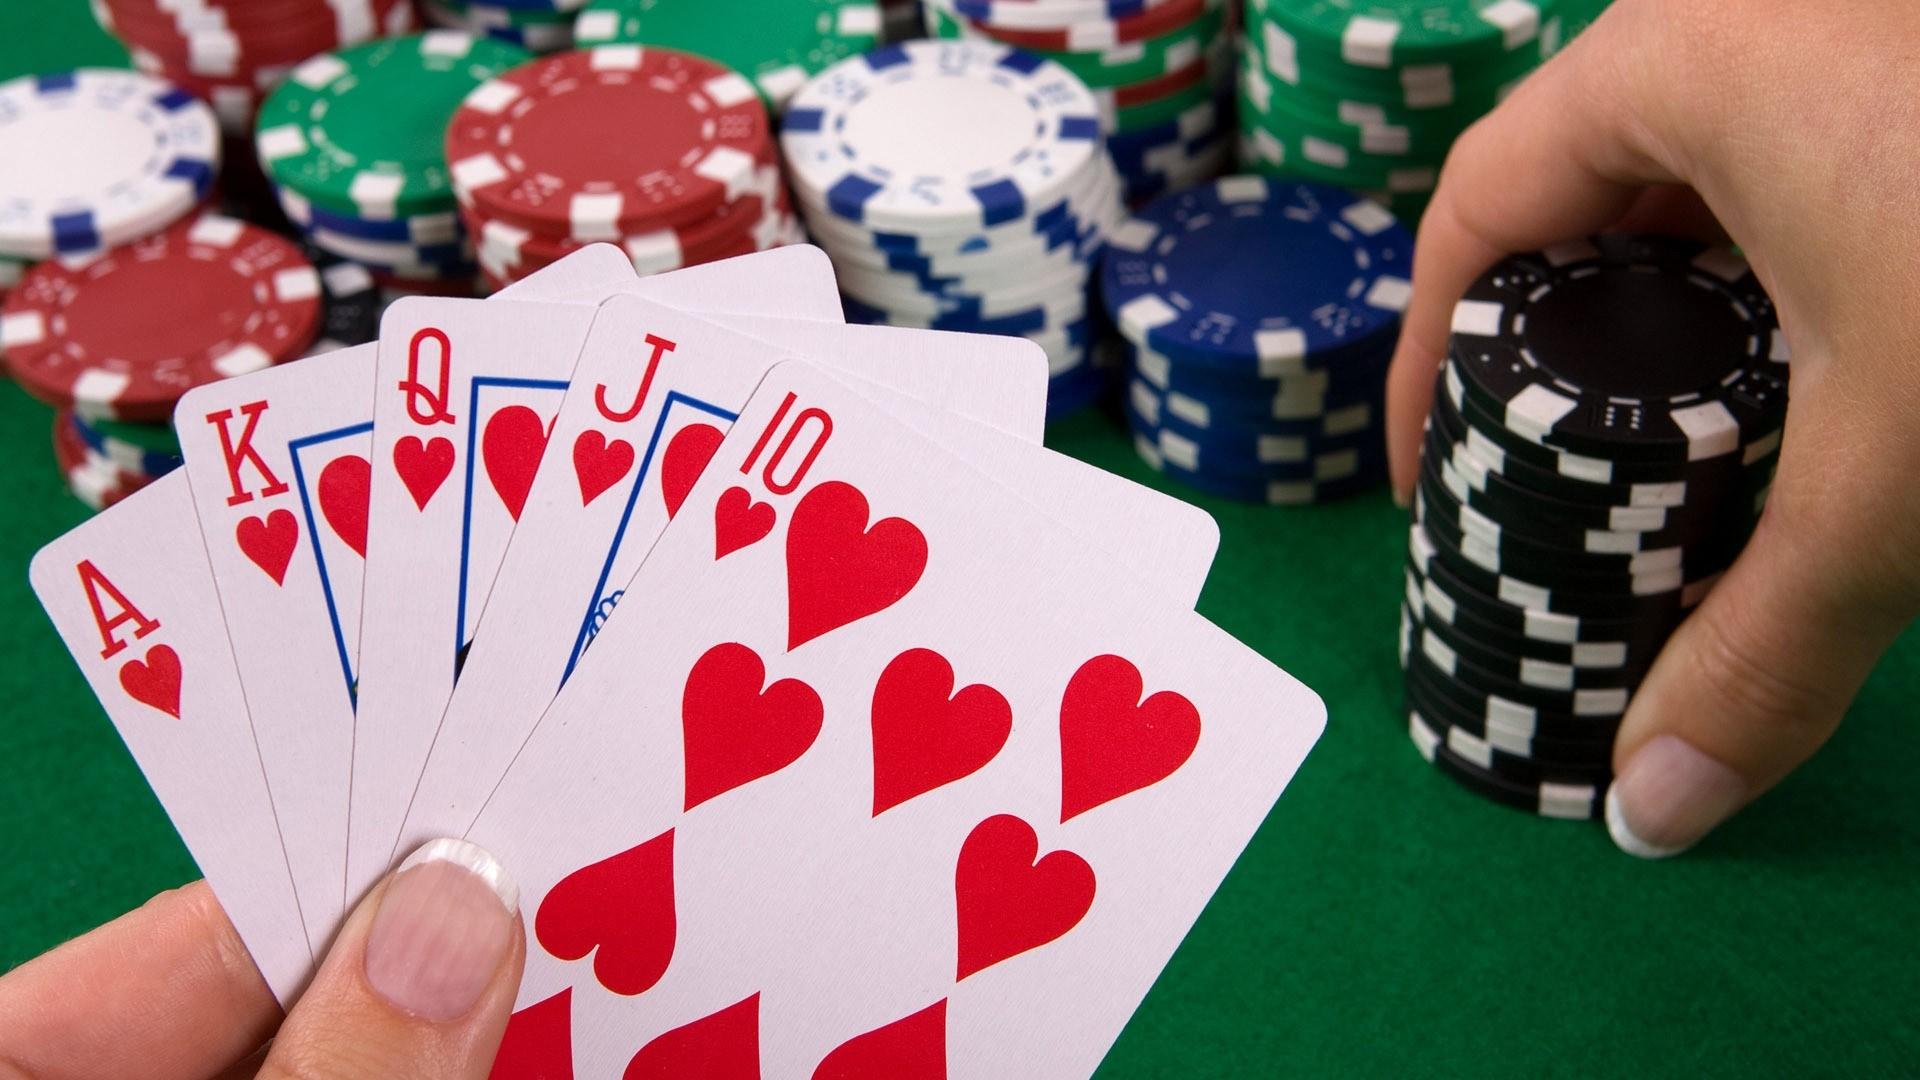 La CONADE reconoció el póker como deporte mental